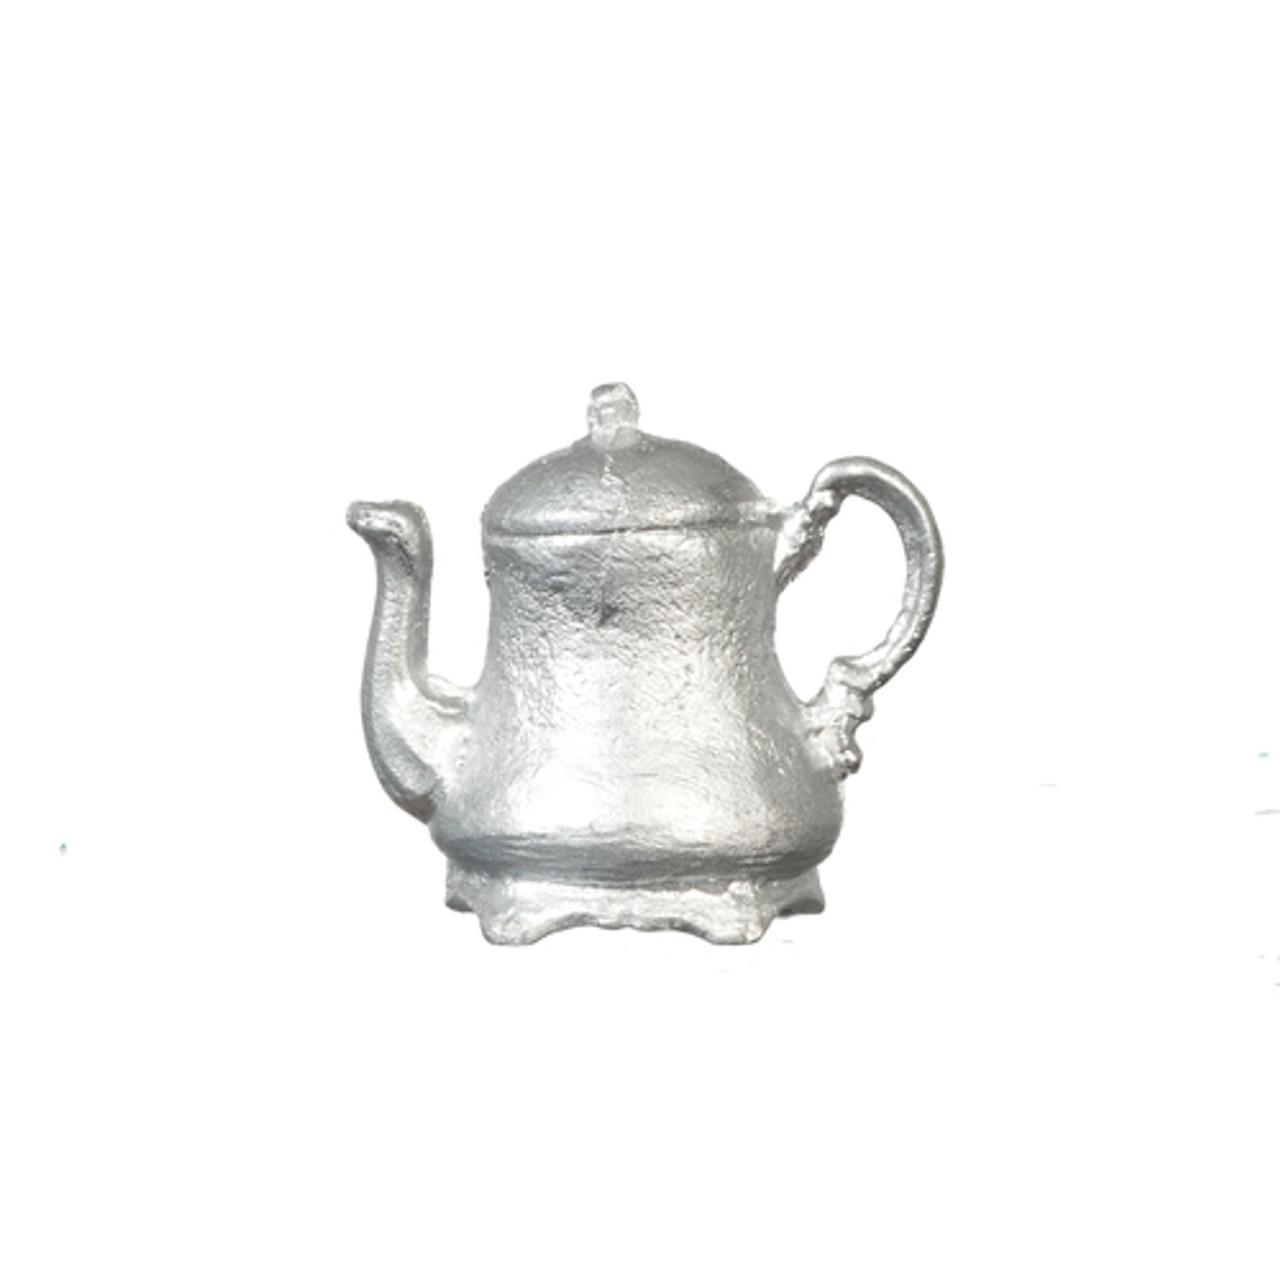 Teapot - Silver